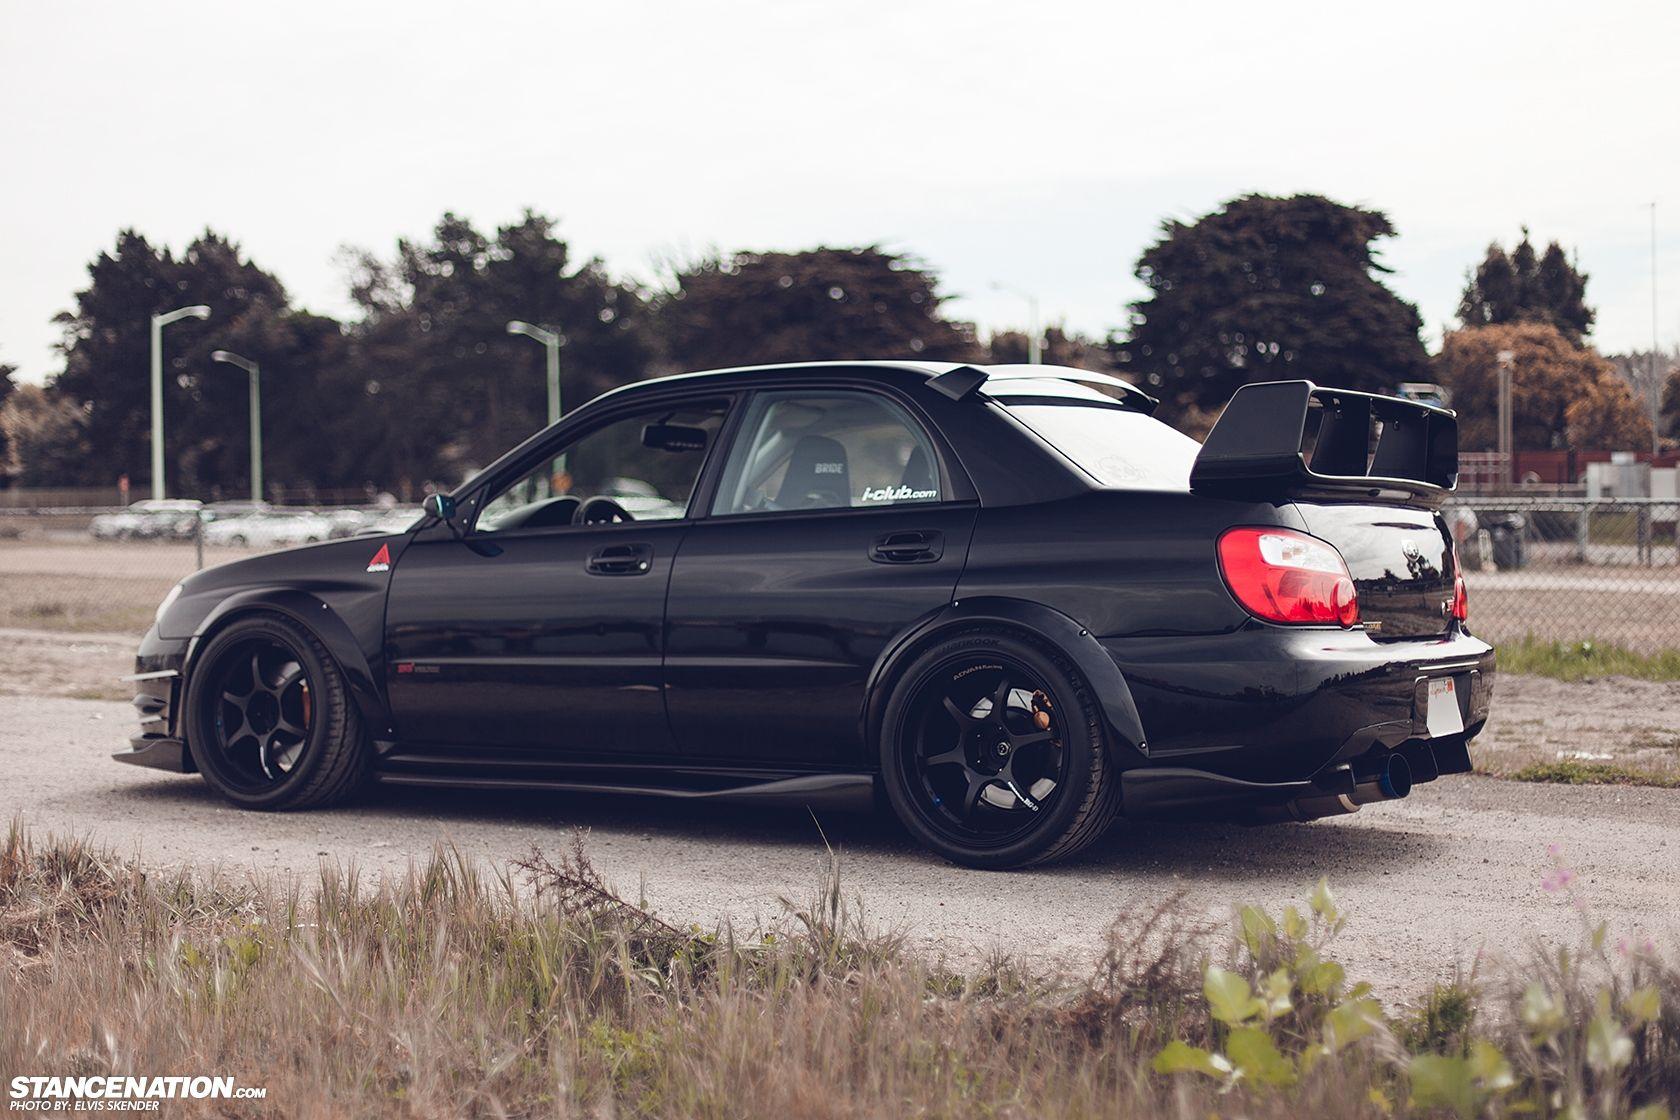 Subaru wrx sti black out the windows this is my dream car subaru wrx sti black out the windows this is my dream car randomsss pinterest subaru wrx subaru and dream cars vanachro Gallery